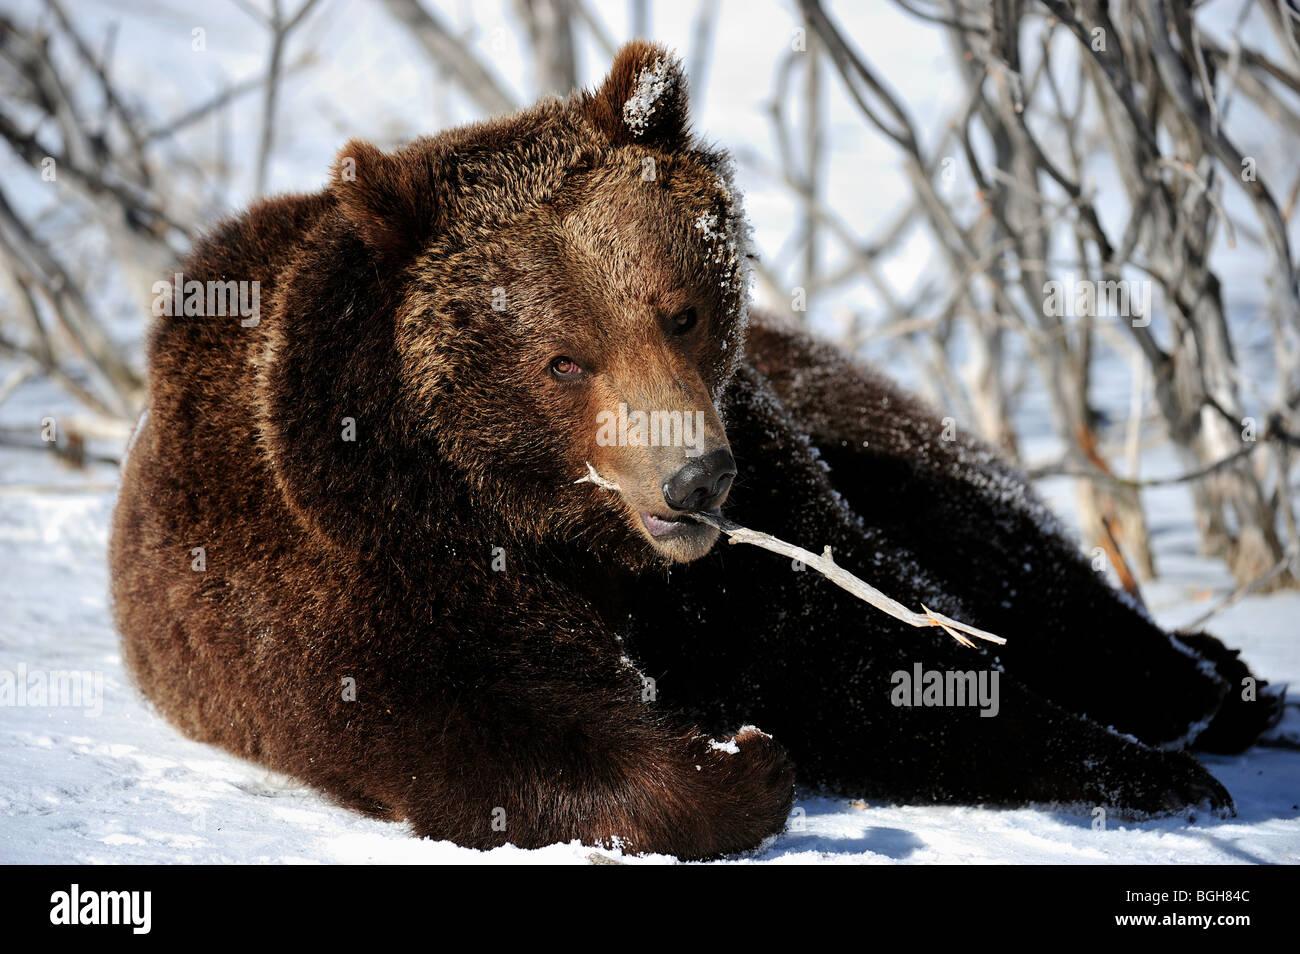 Grizzly bear (Ursus arctos) - captive in winter habitat, Bozeman, Montana, USA - Stock Image